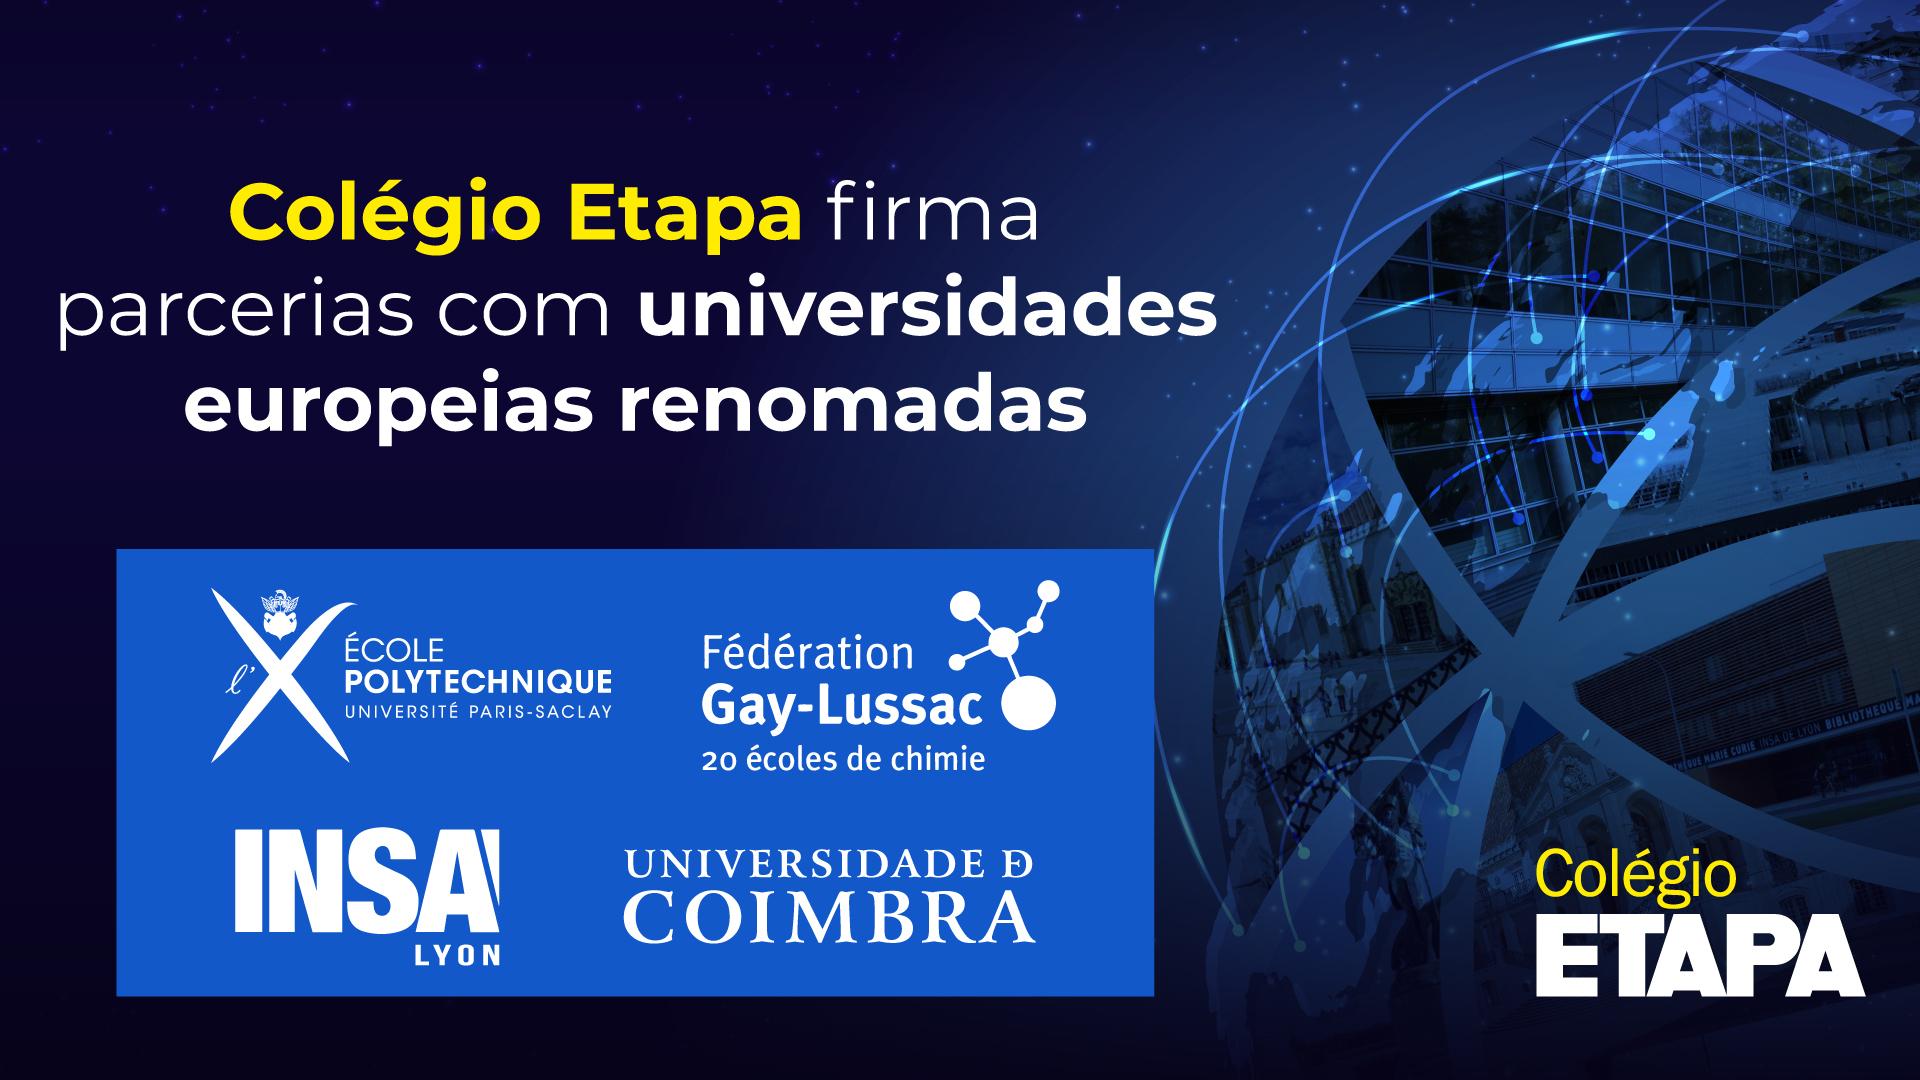 Subiu para quatro o número de parcerias com universidades europeias renomadas firmadas com o Colégio Etapa. Saiba mais no post!